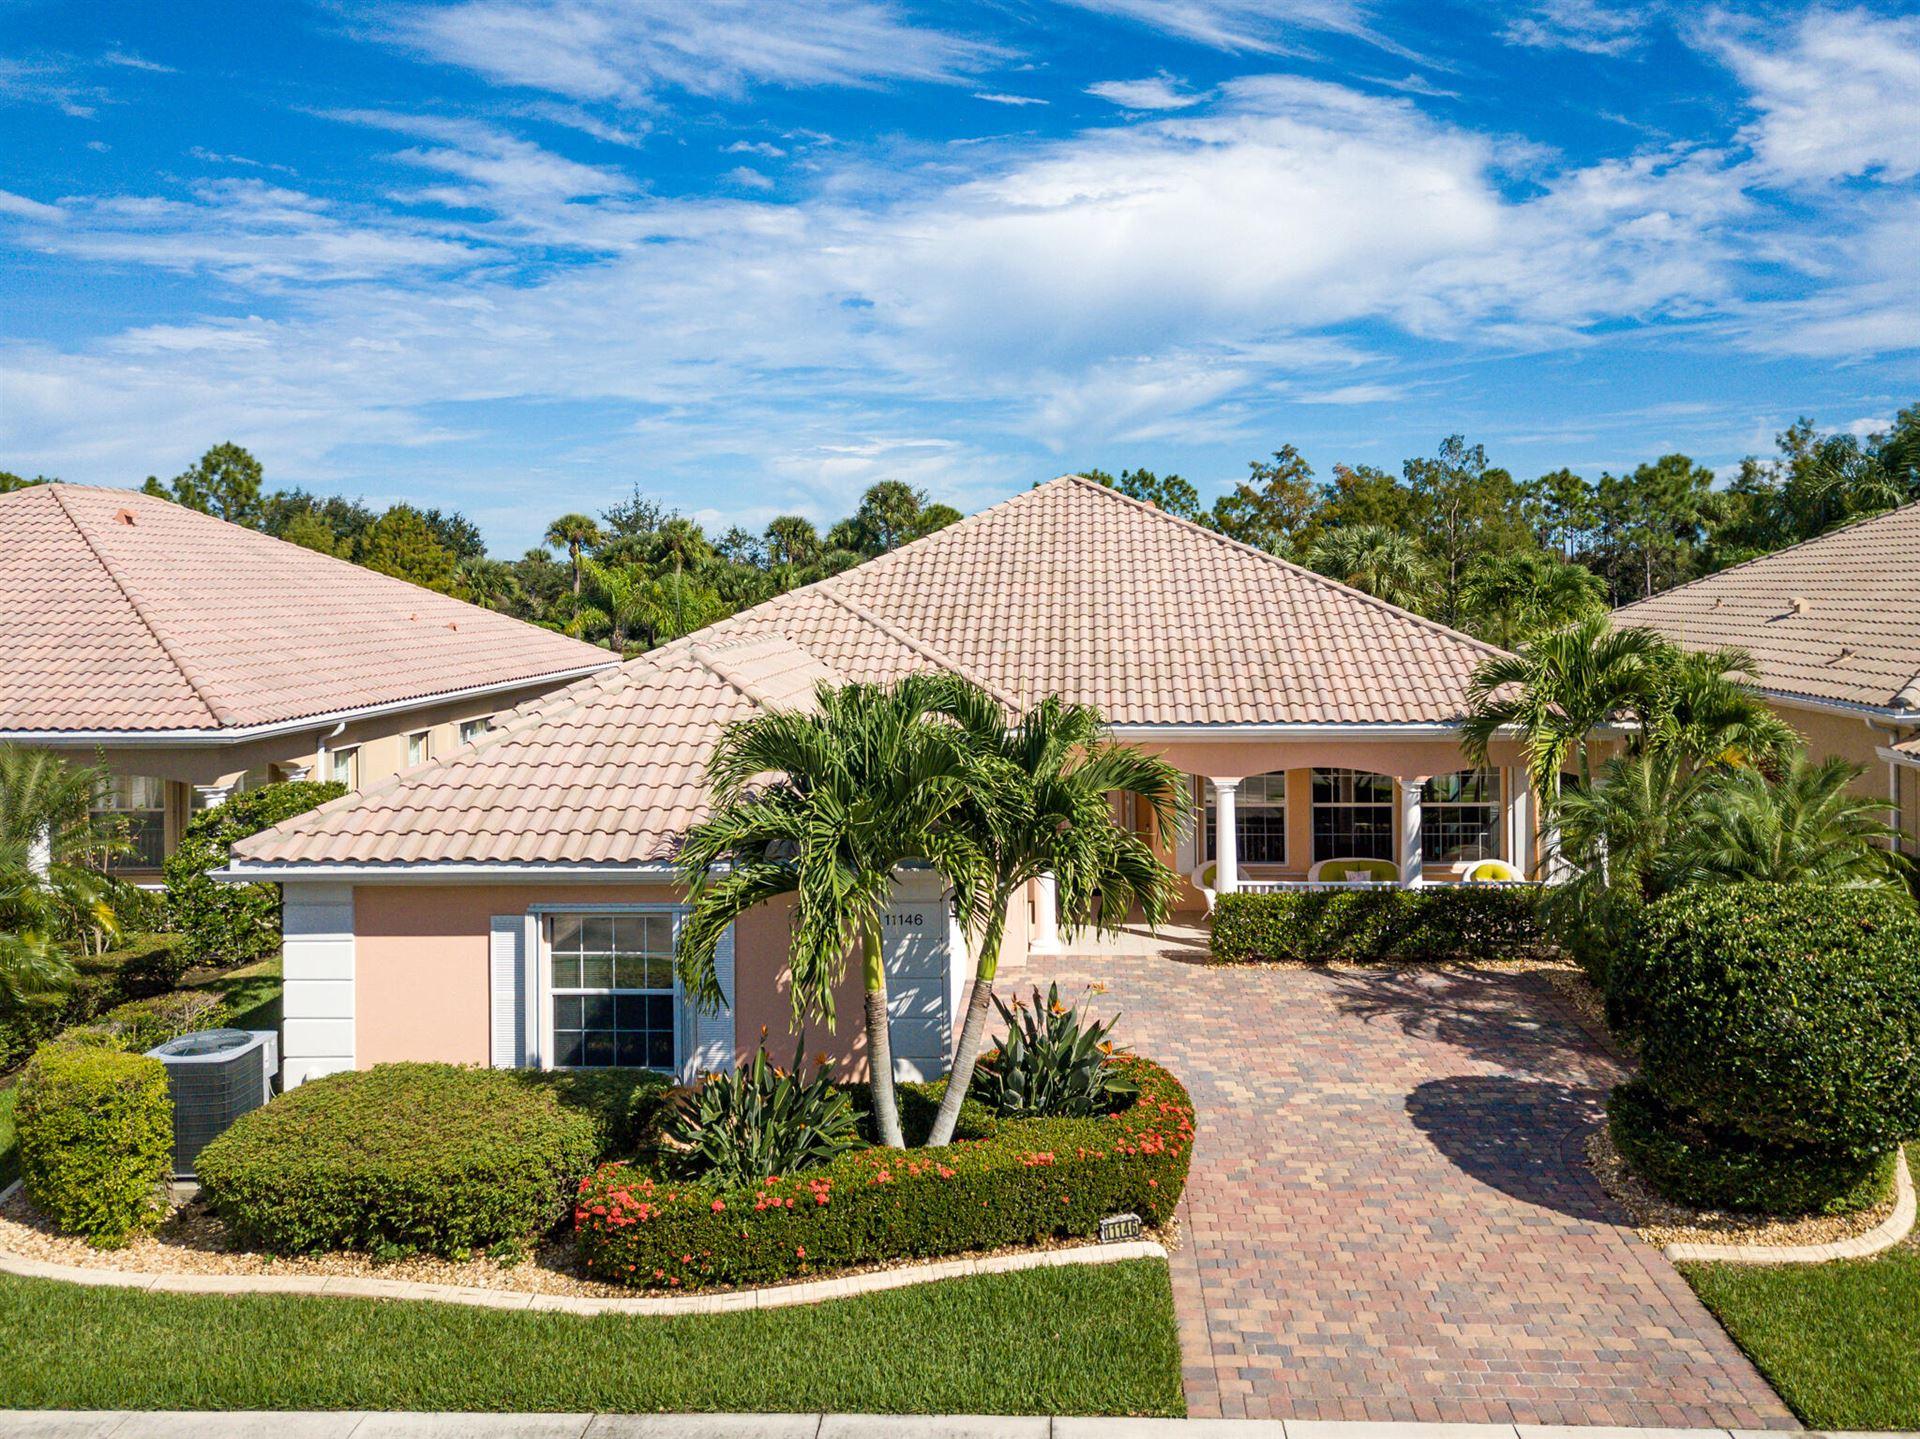 11146 SW Olmstead Drive, Port Saint Lucie, FL 34987 - MLS#: RX-10754835